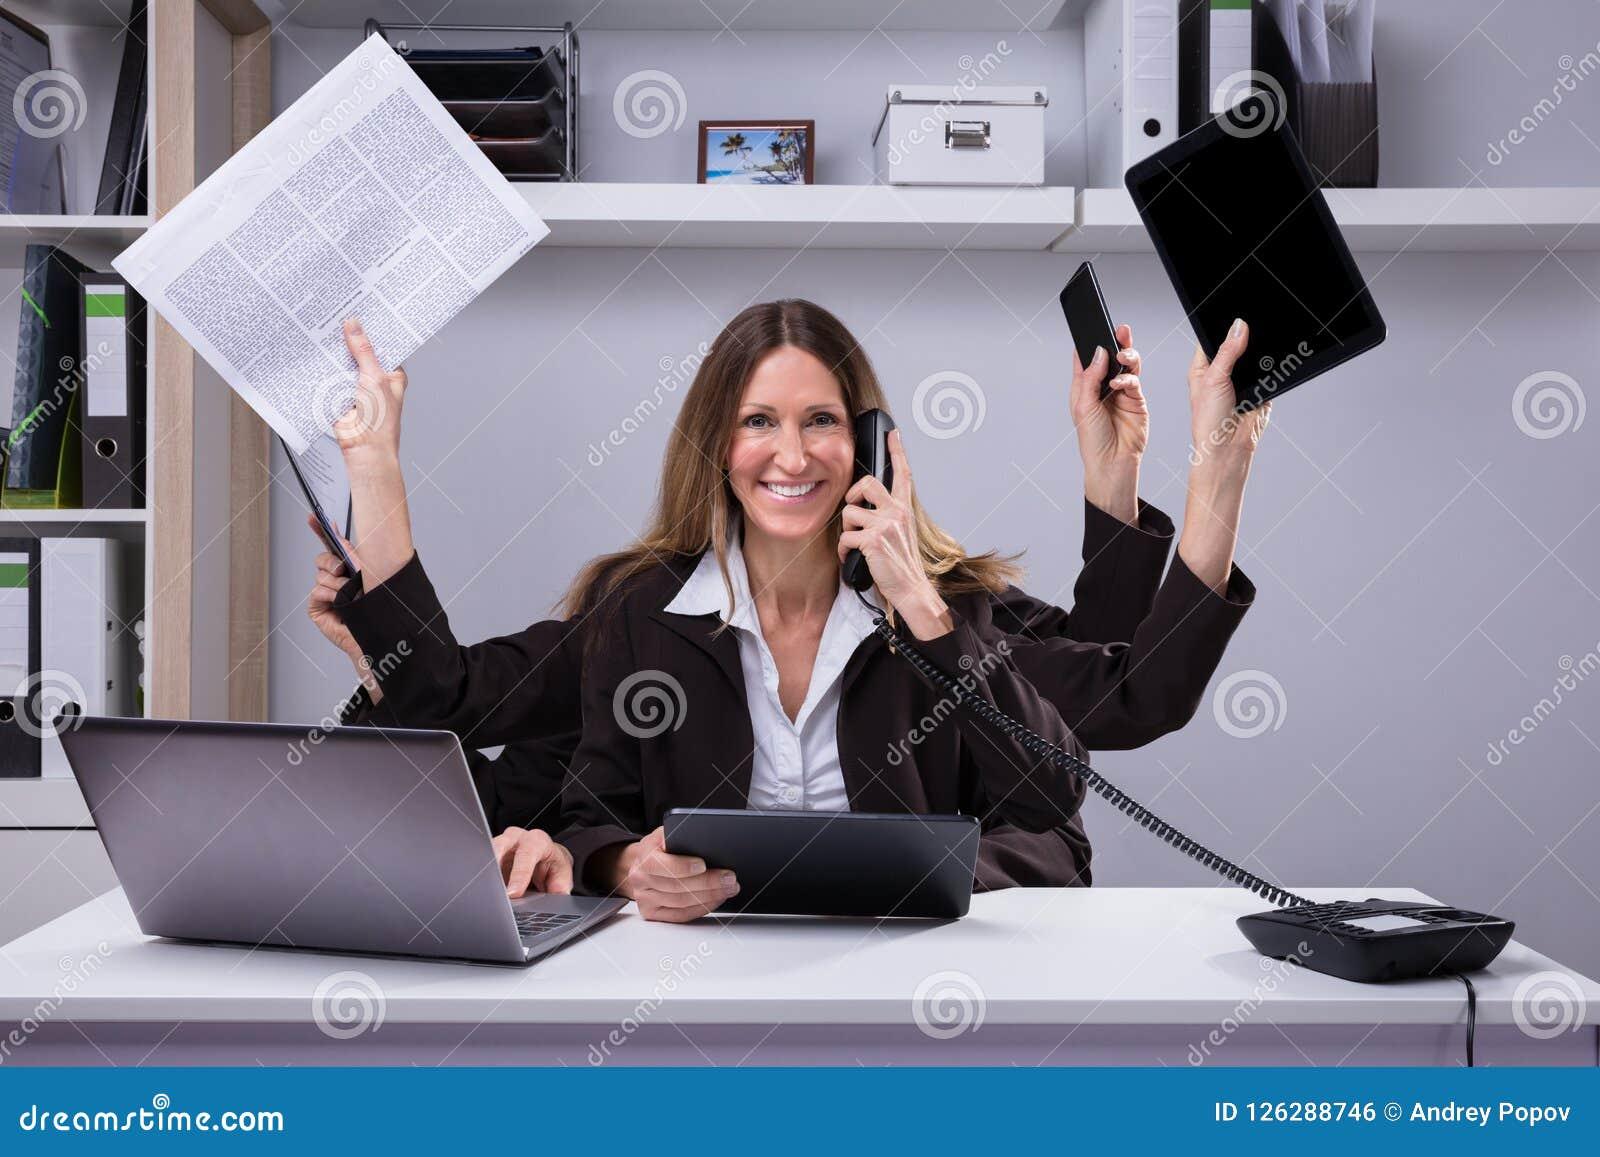 Businesswoman Doing Multitasking Work In Office Stock ...